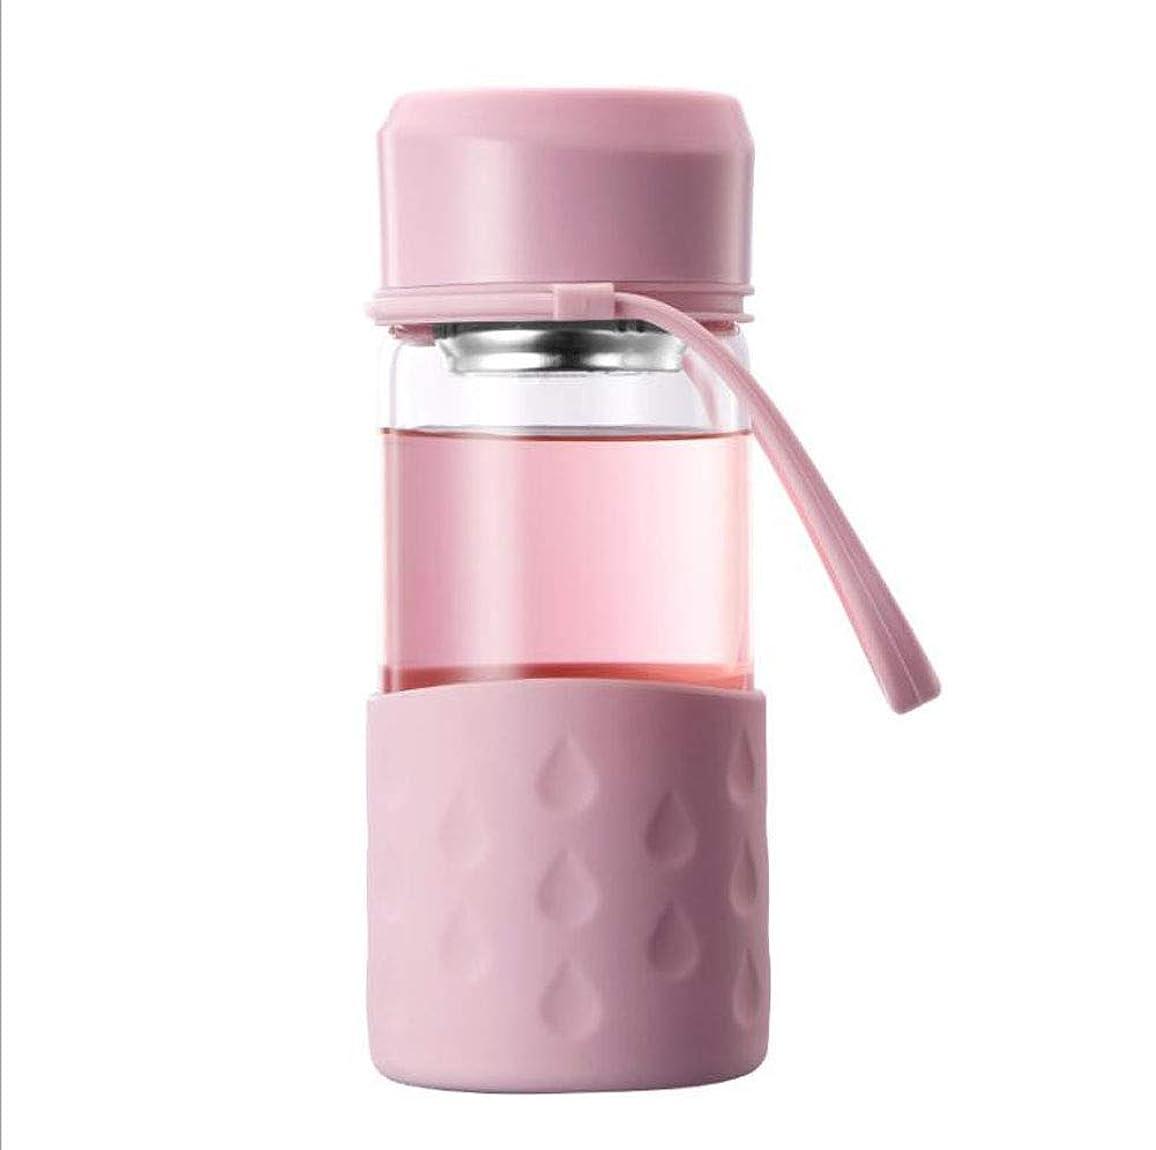 理容師ストラップきつくグラスウォーターボトル360ml取り外し可能ティーストレーナー付高ホウケイ酸二重壁耐熱ウォーターカップ(ピンク)